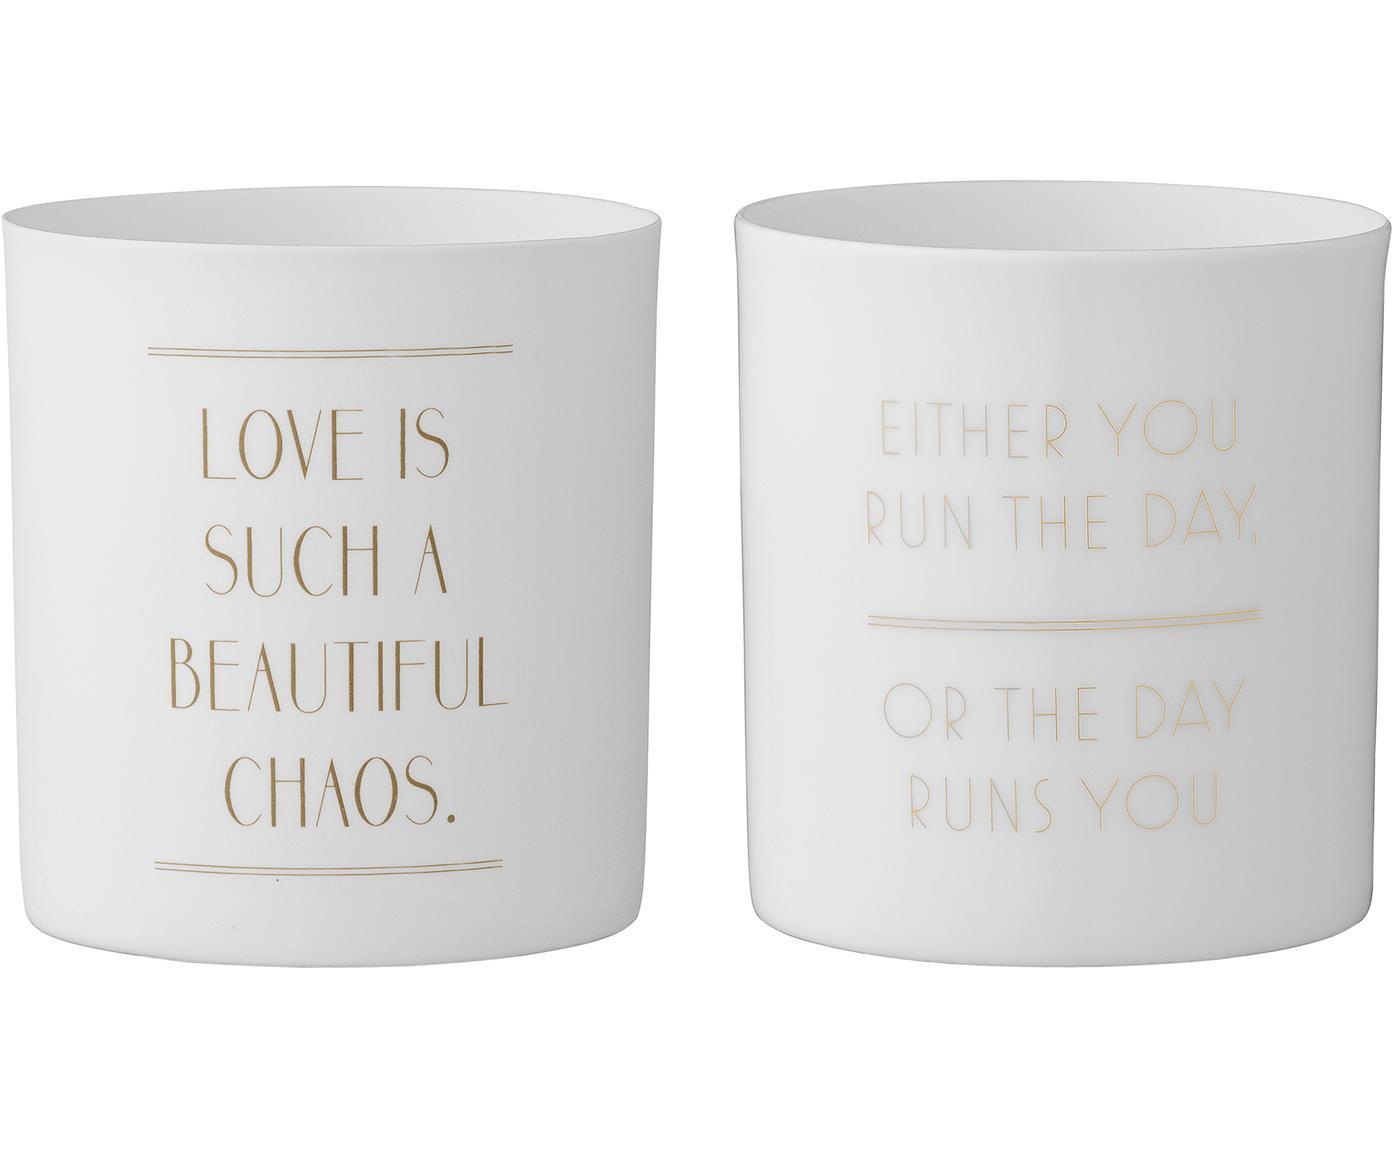 Teelichthalter-Set Chaos, 2-tlg., Porzellan, Weiß, Goldfarben, Ø 6 x H 8 cm